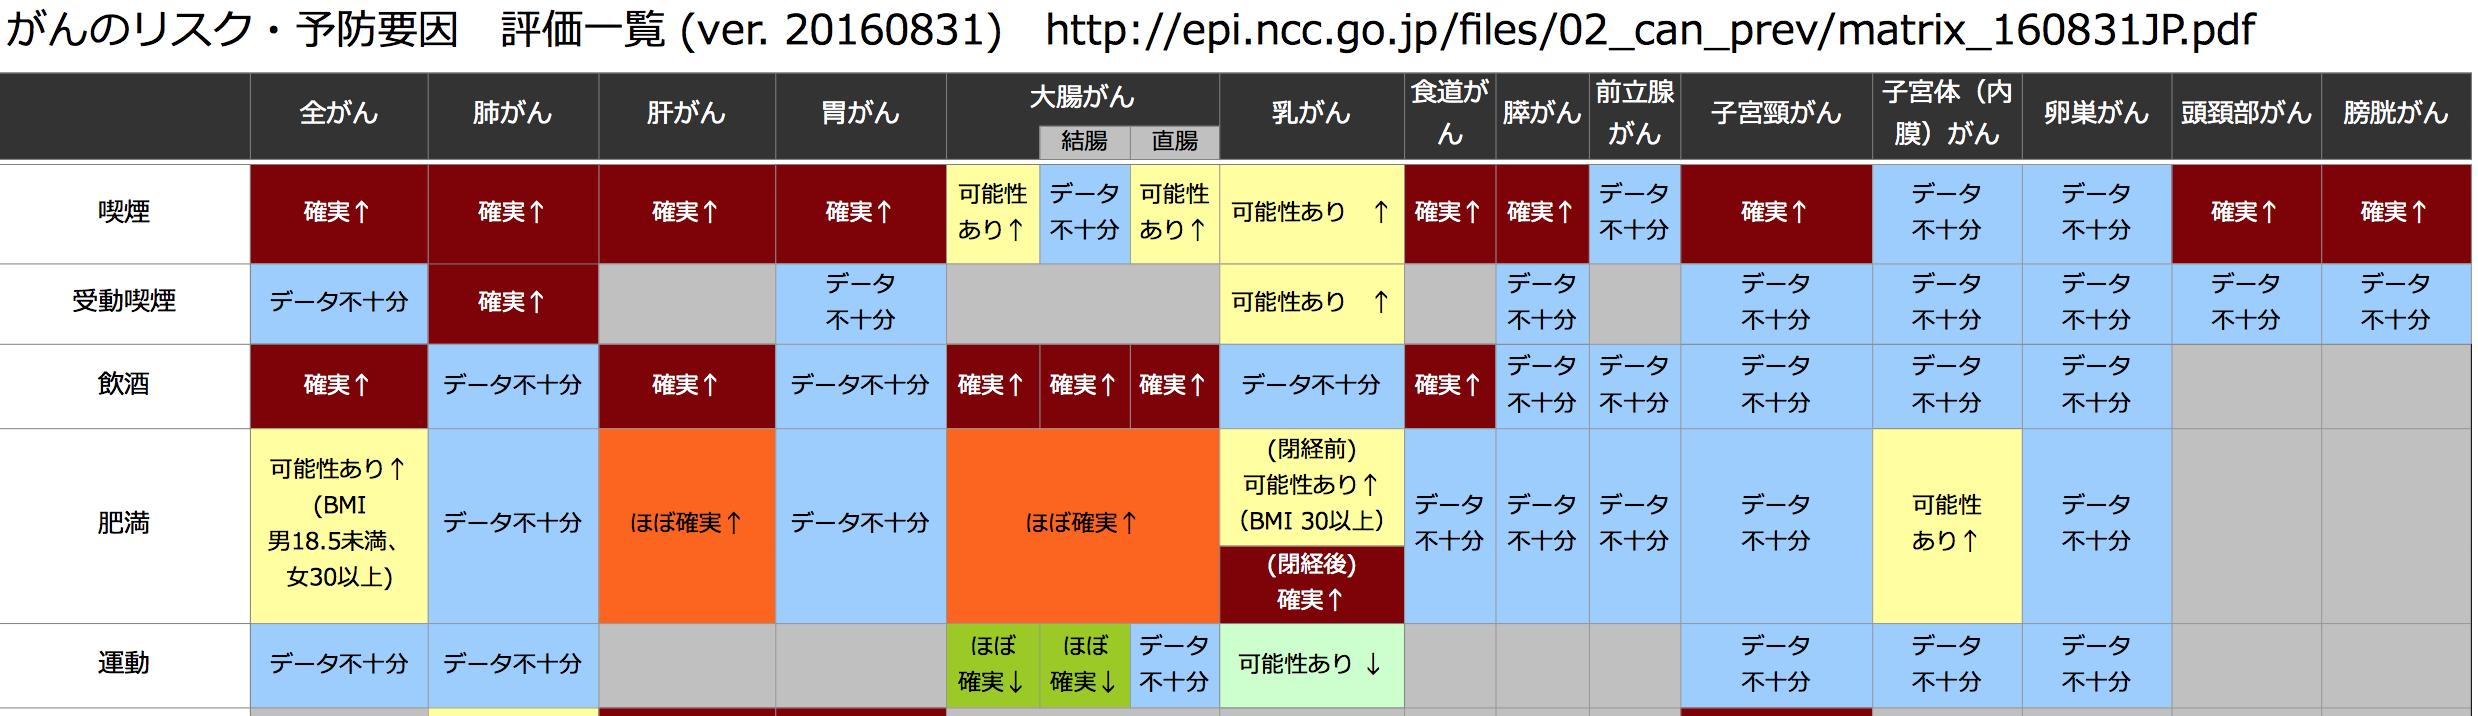 スクリーンショット 2017-05-18 10.54.17